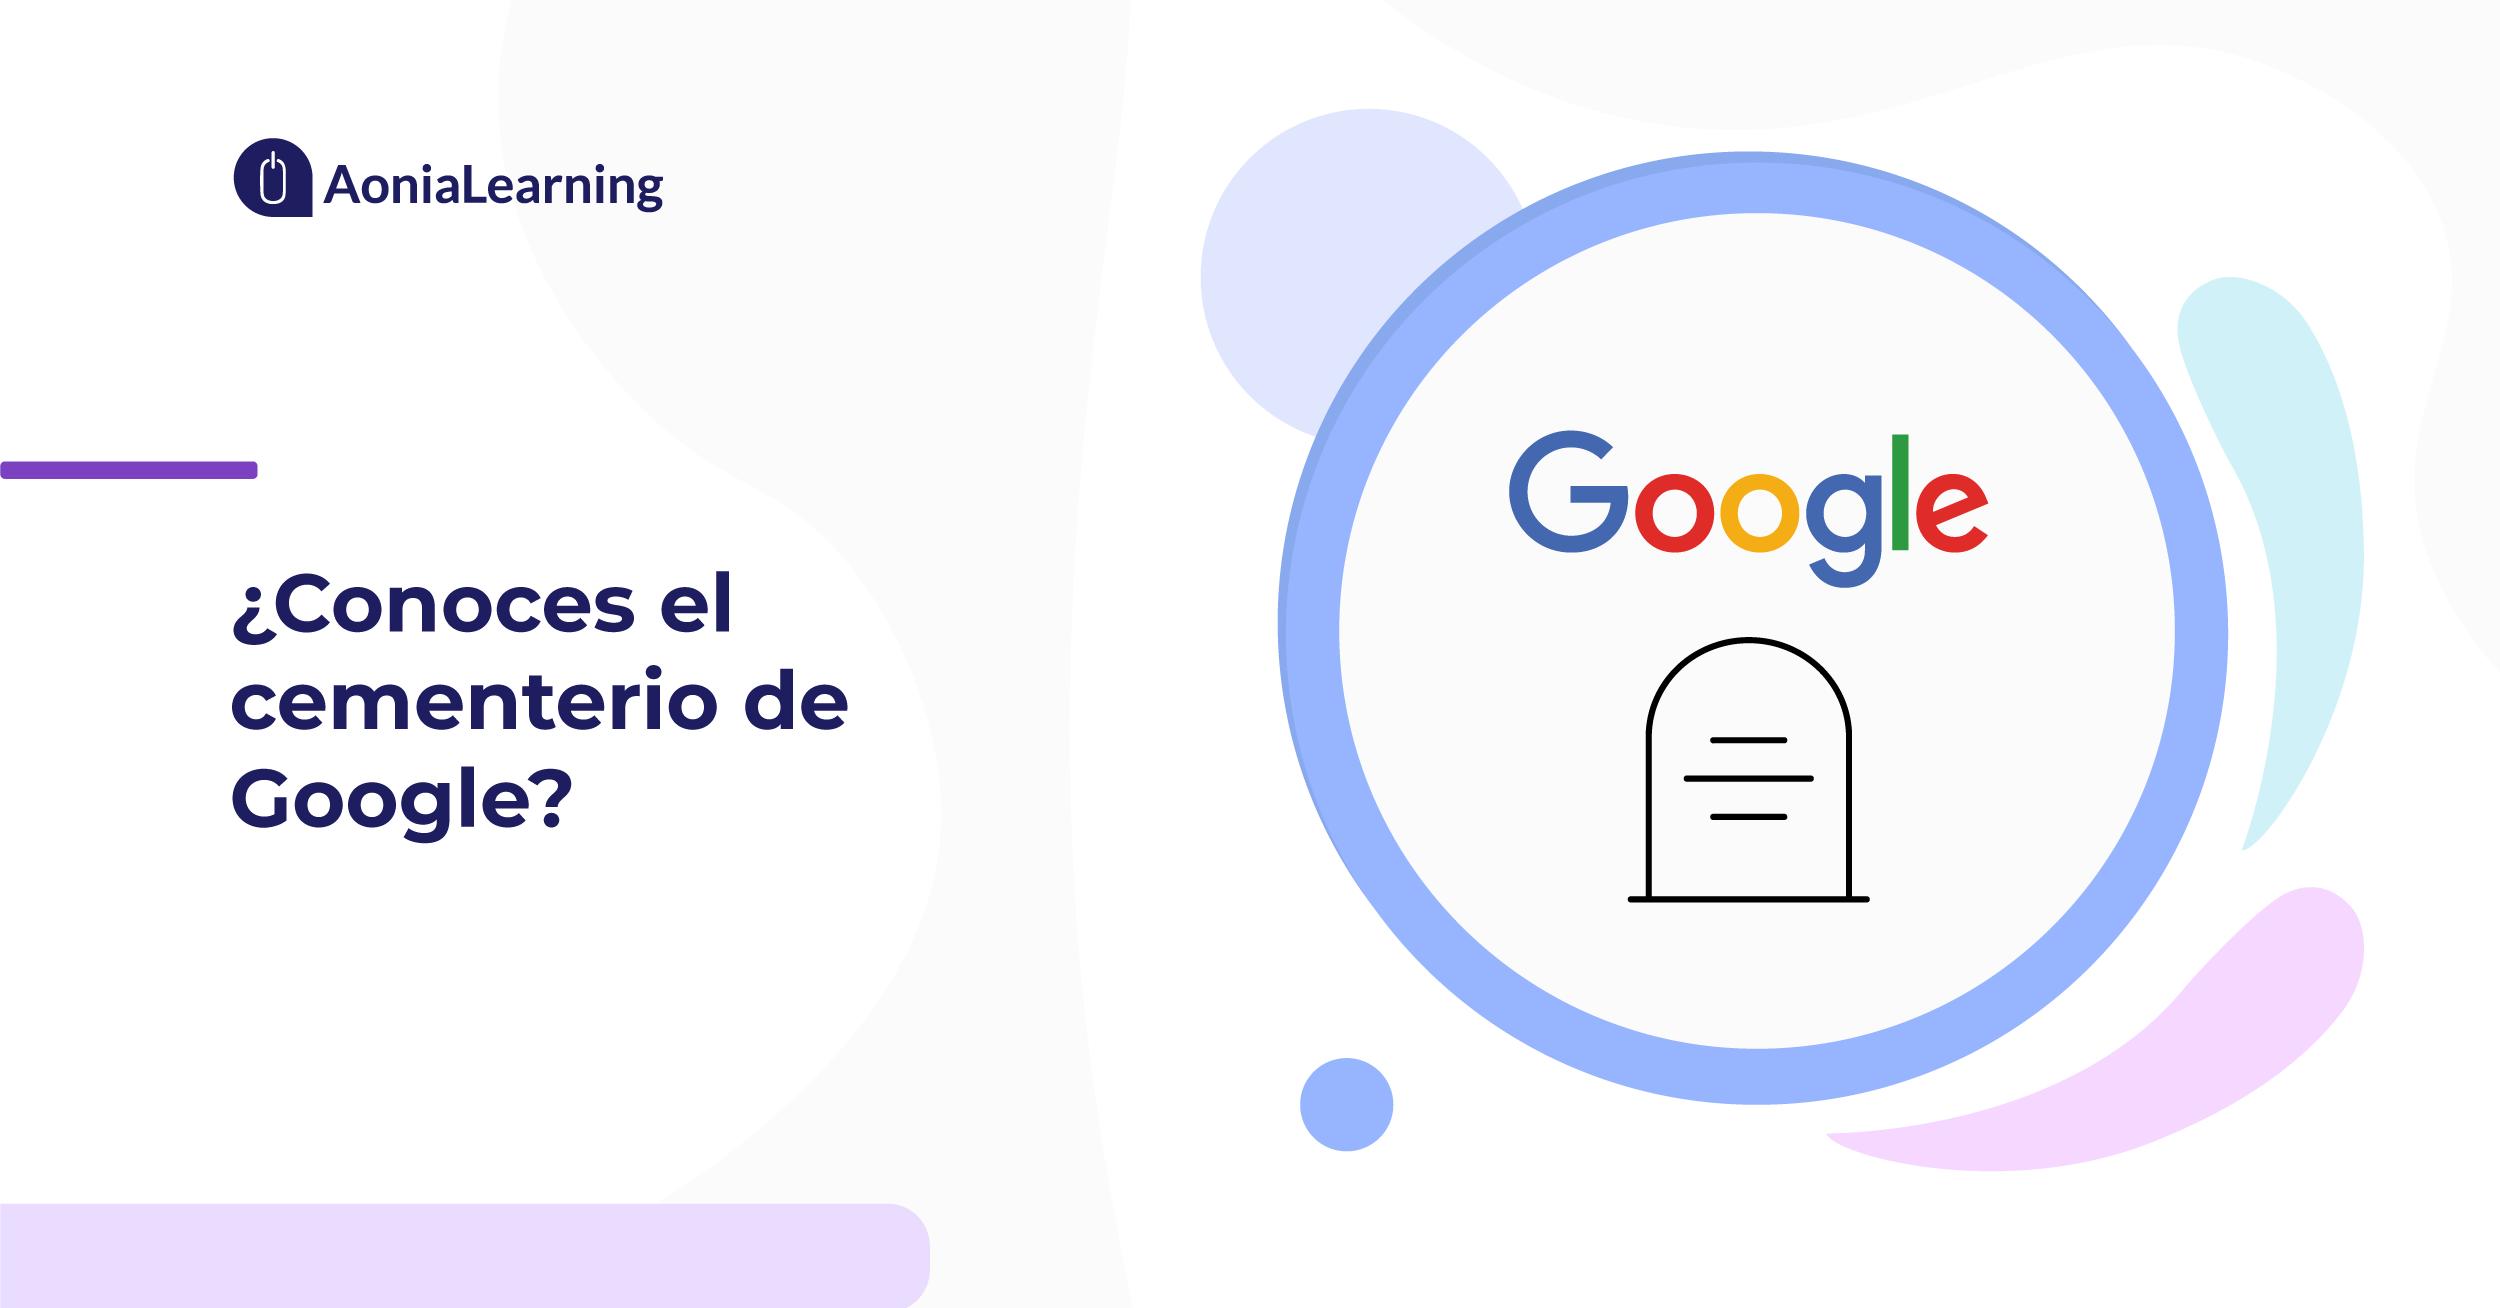 ¿Conoces el cementerio de Google?